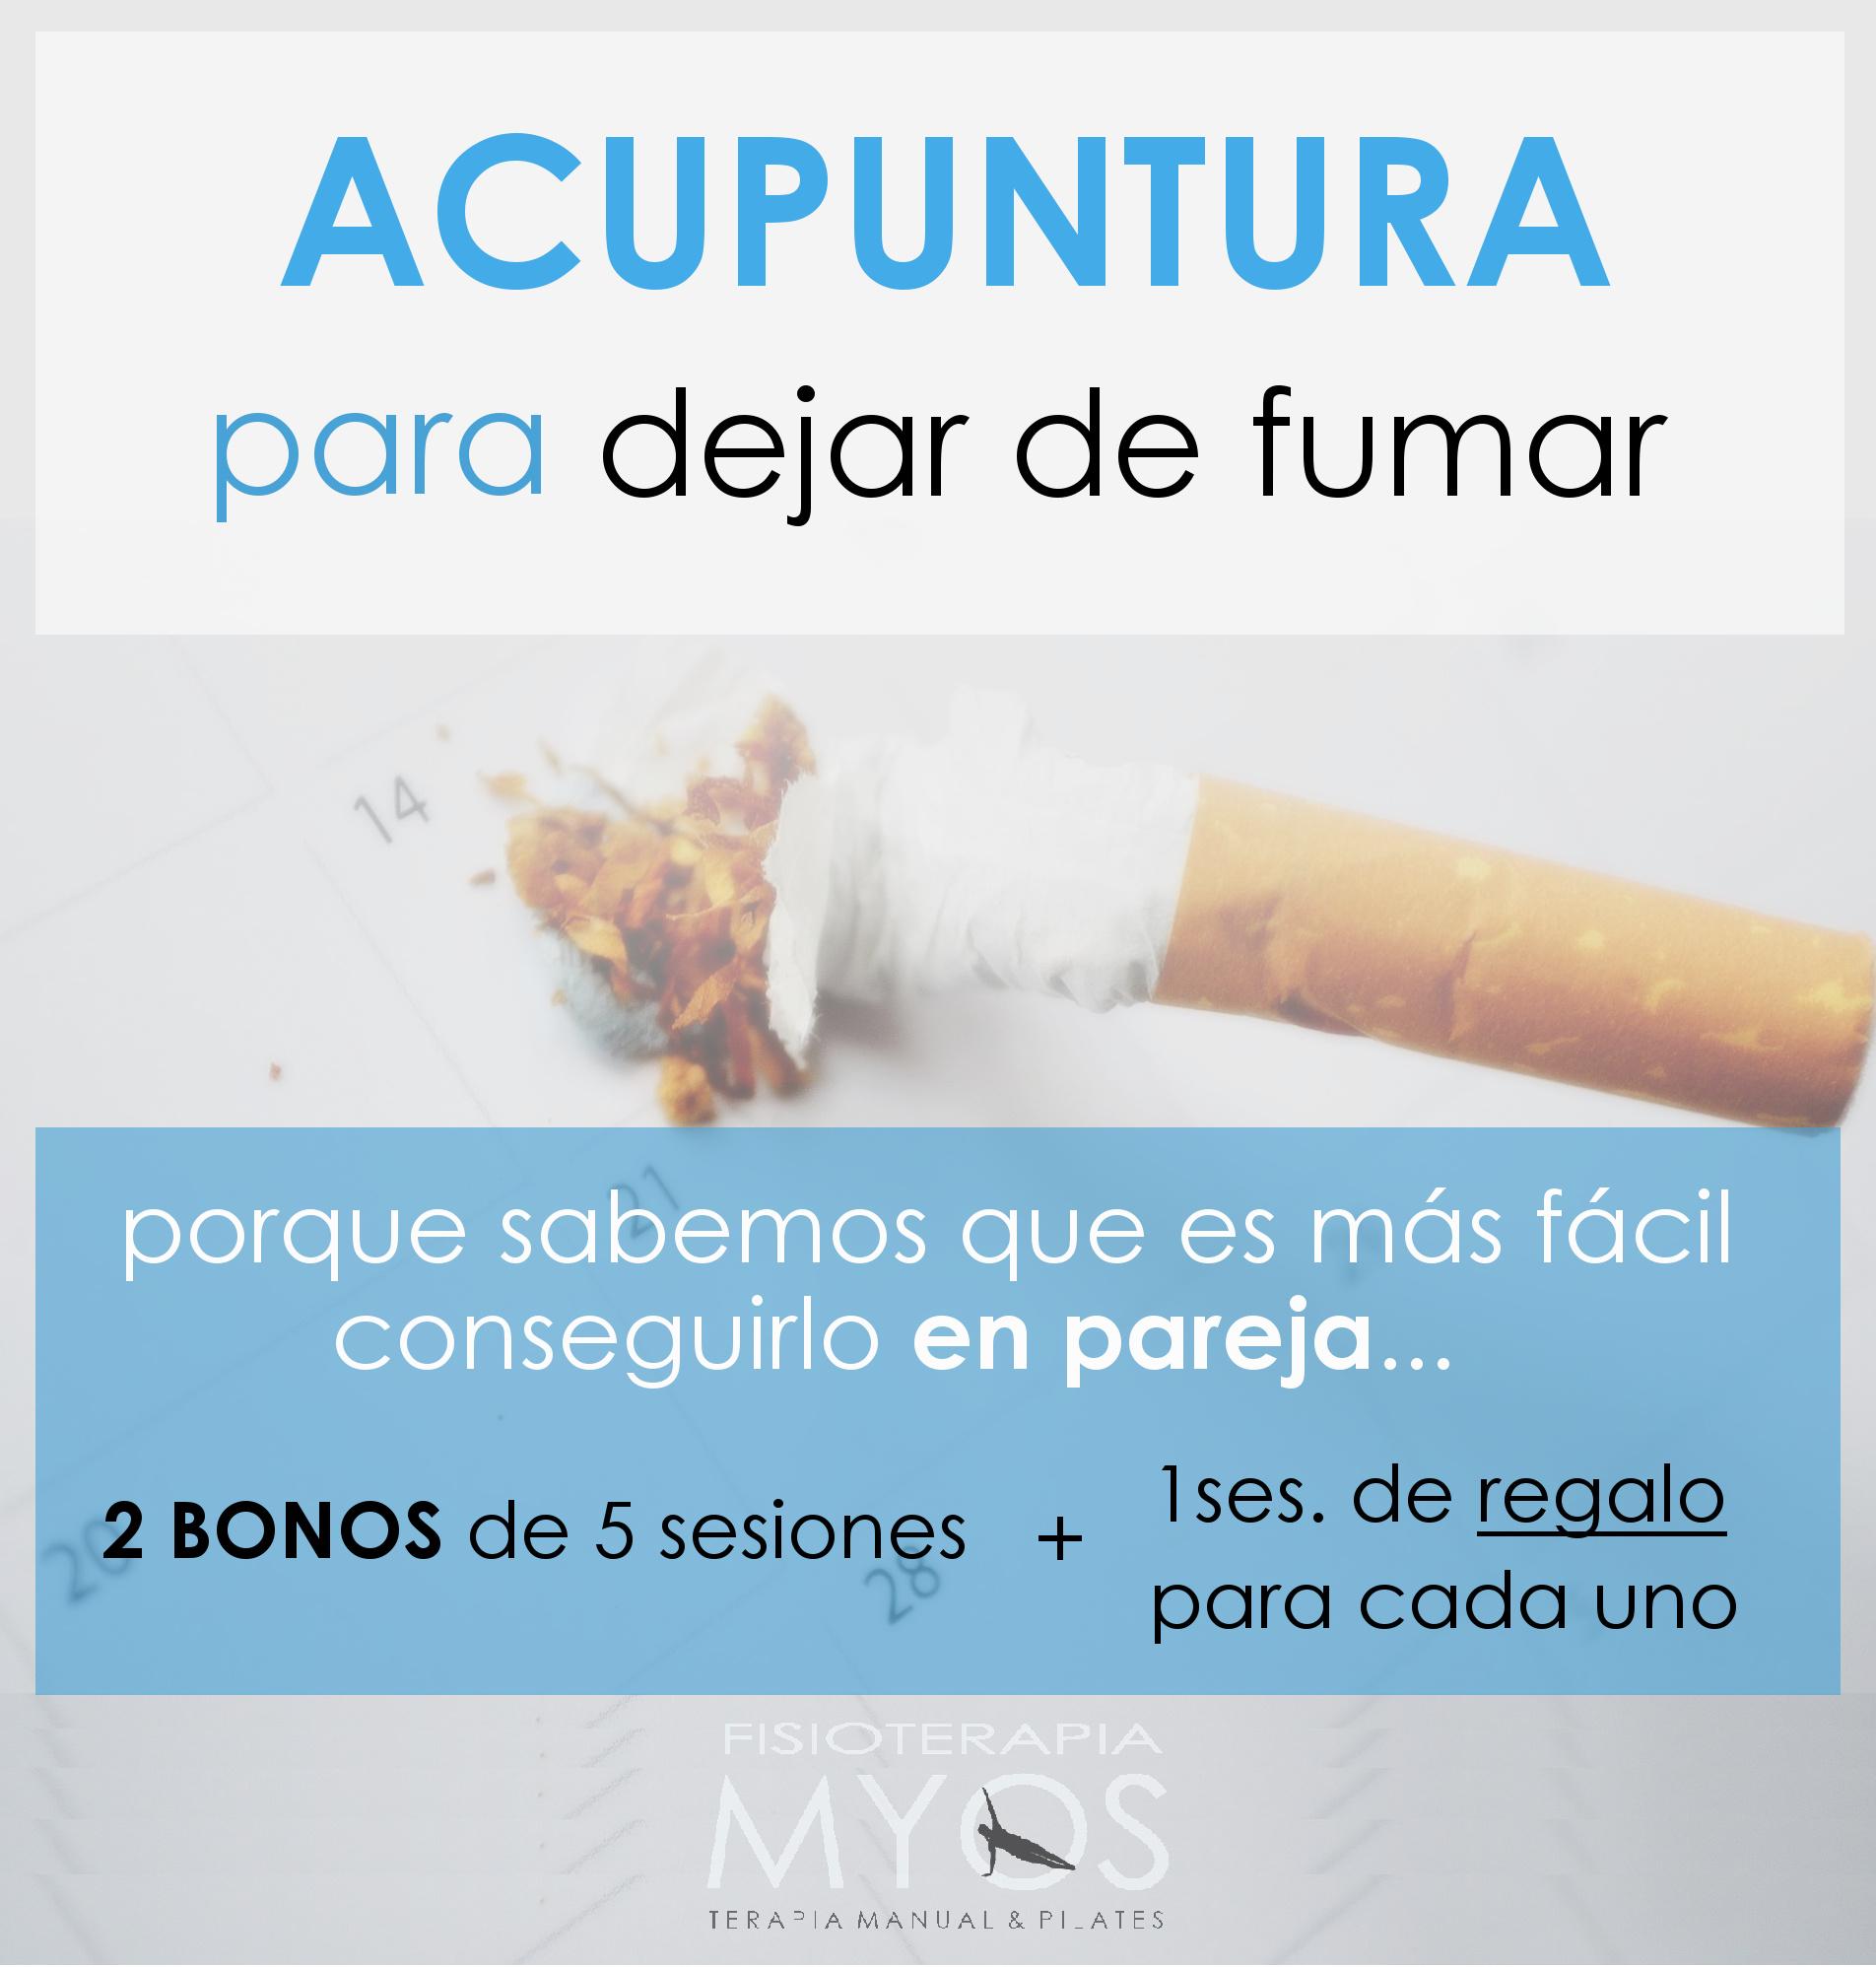 Acupuntura para dejar de fumar Fisioterapia Myos